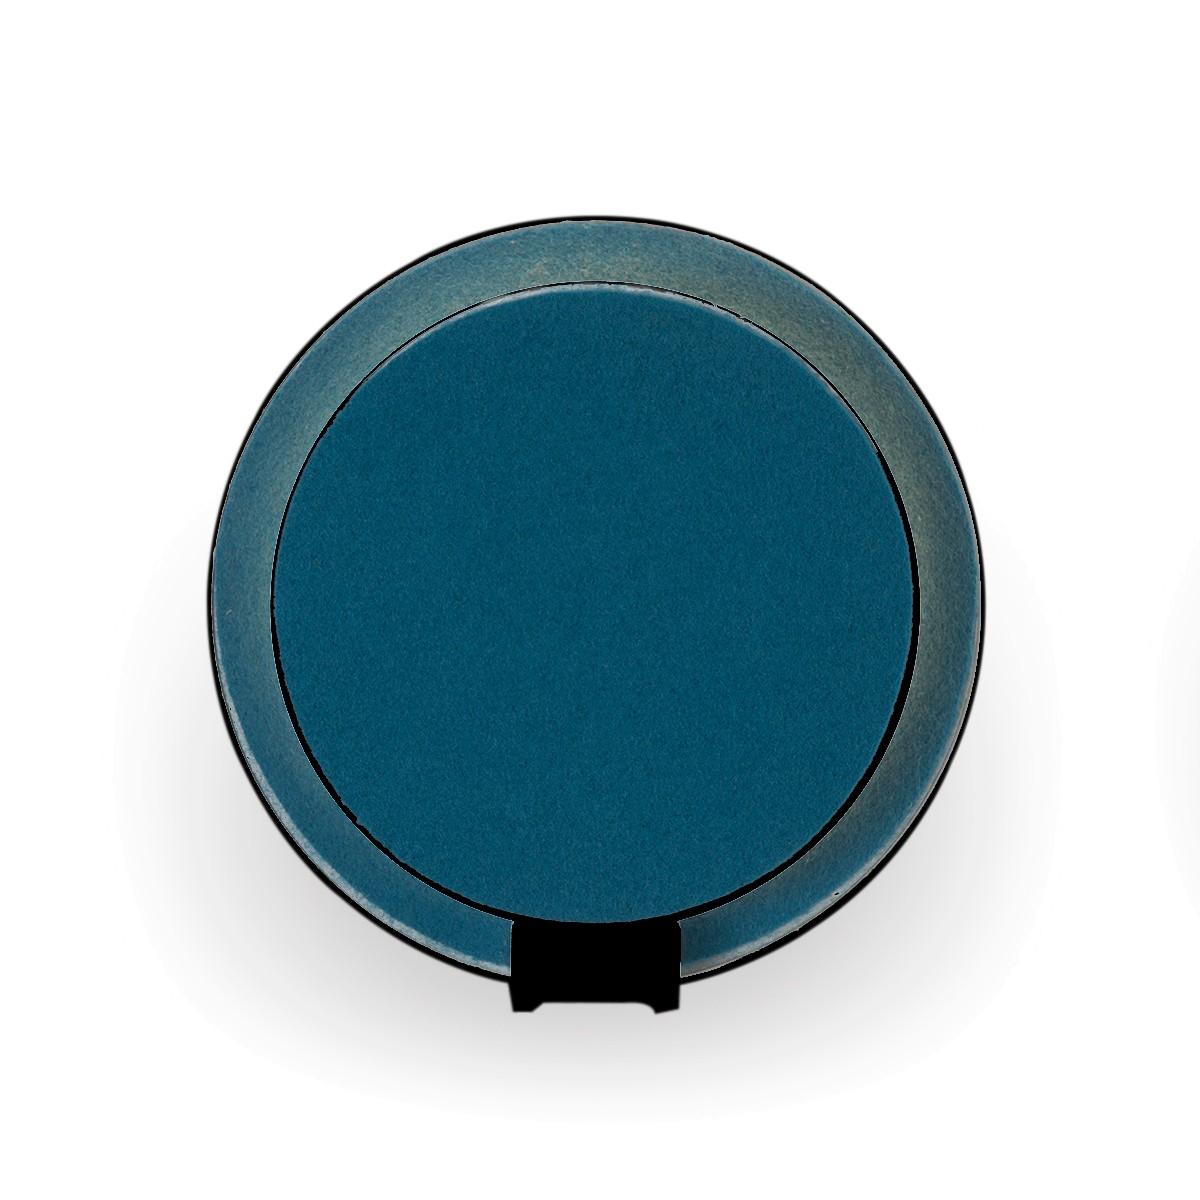 BellXpress Gravy Wandleuchte, schwarz, Front: Azure-Filz